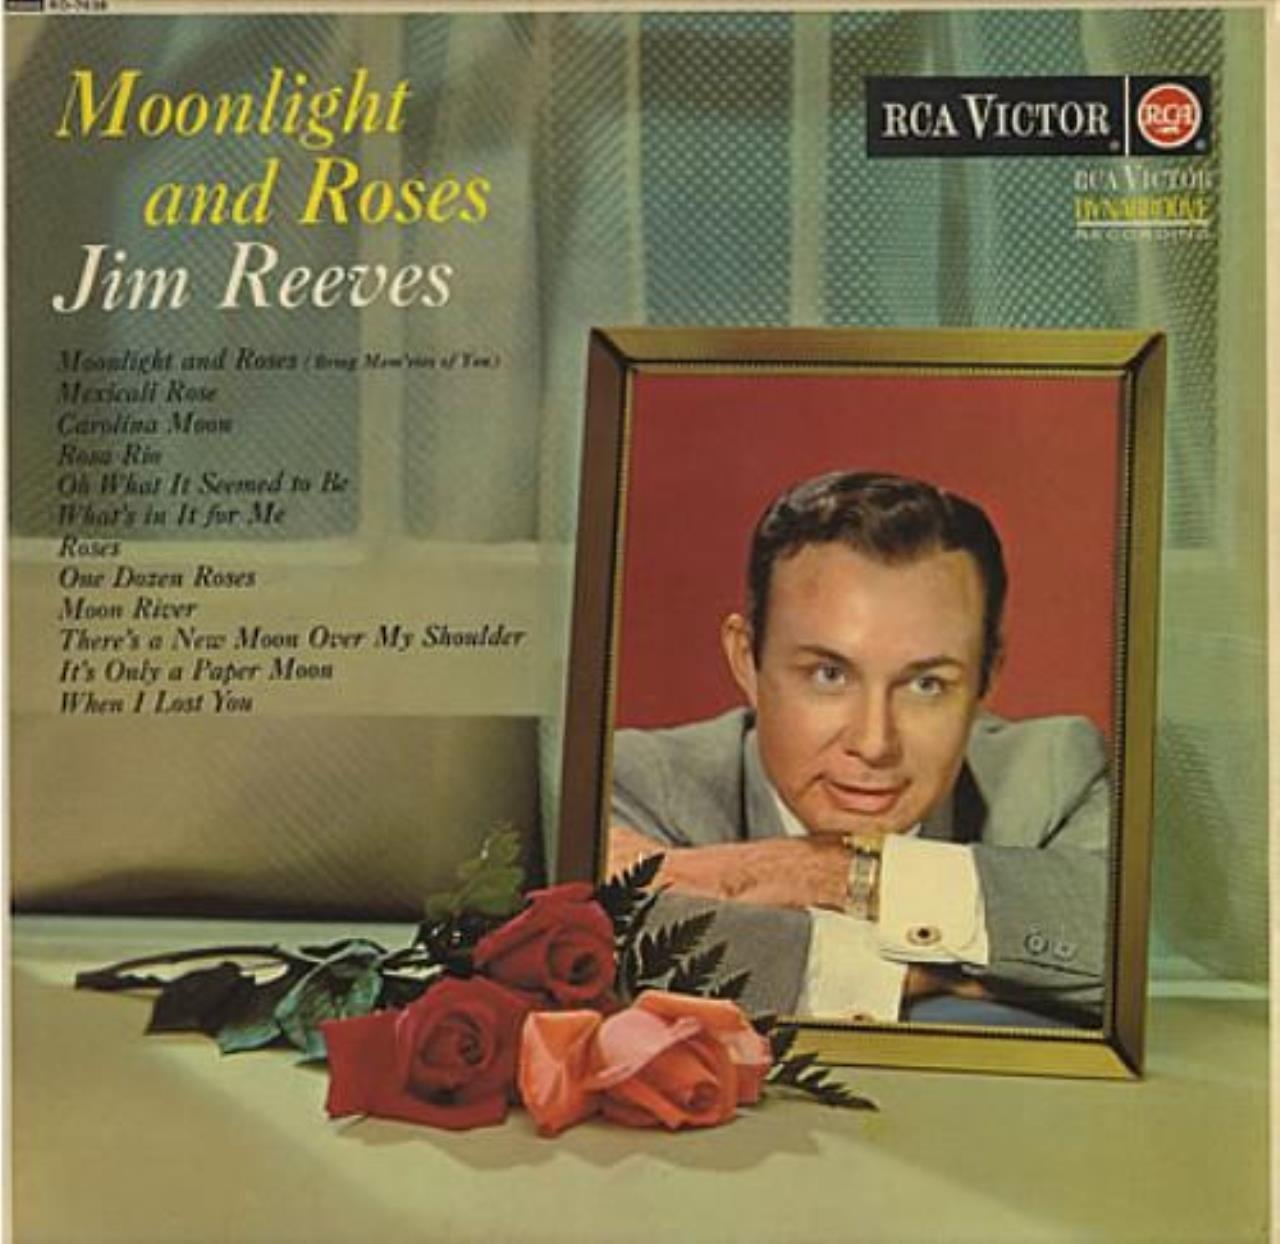 Jim Reeves - [ LP Vinyl] Moonlight And Roses: Jim Reeves - Amazon ...